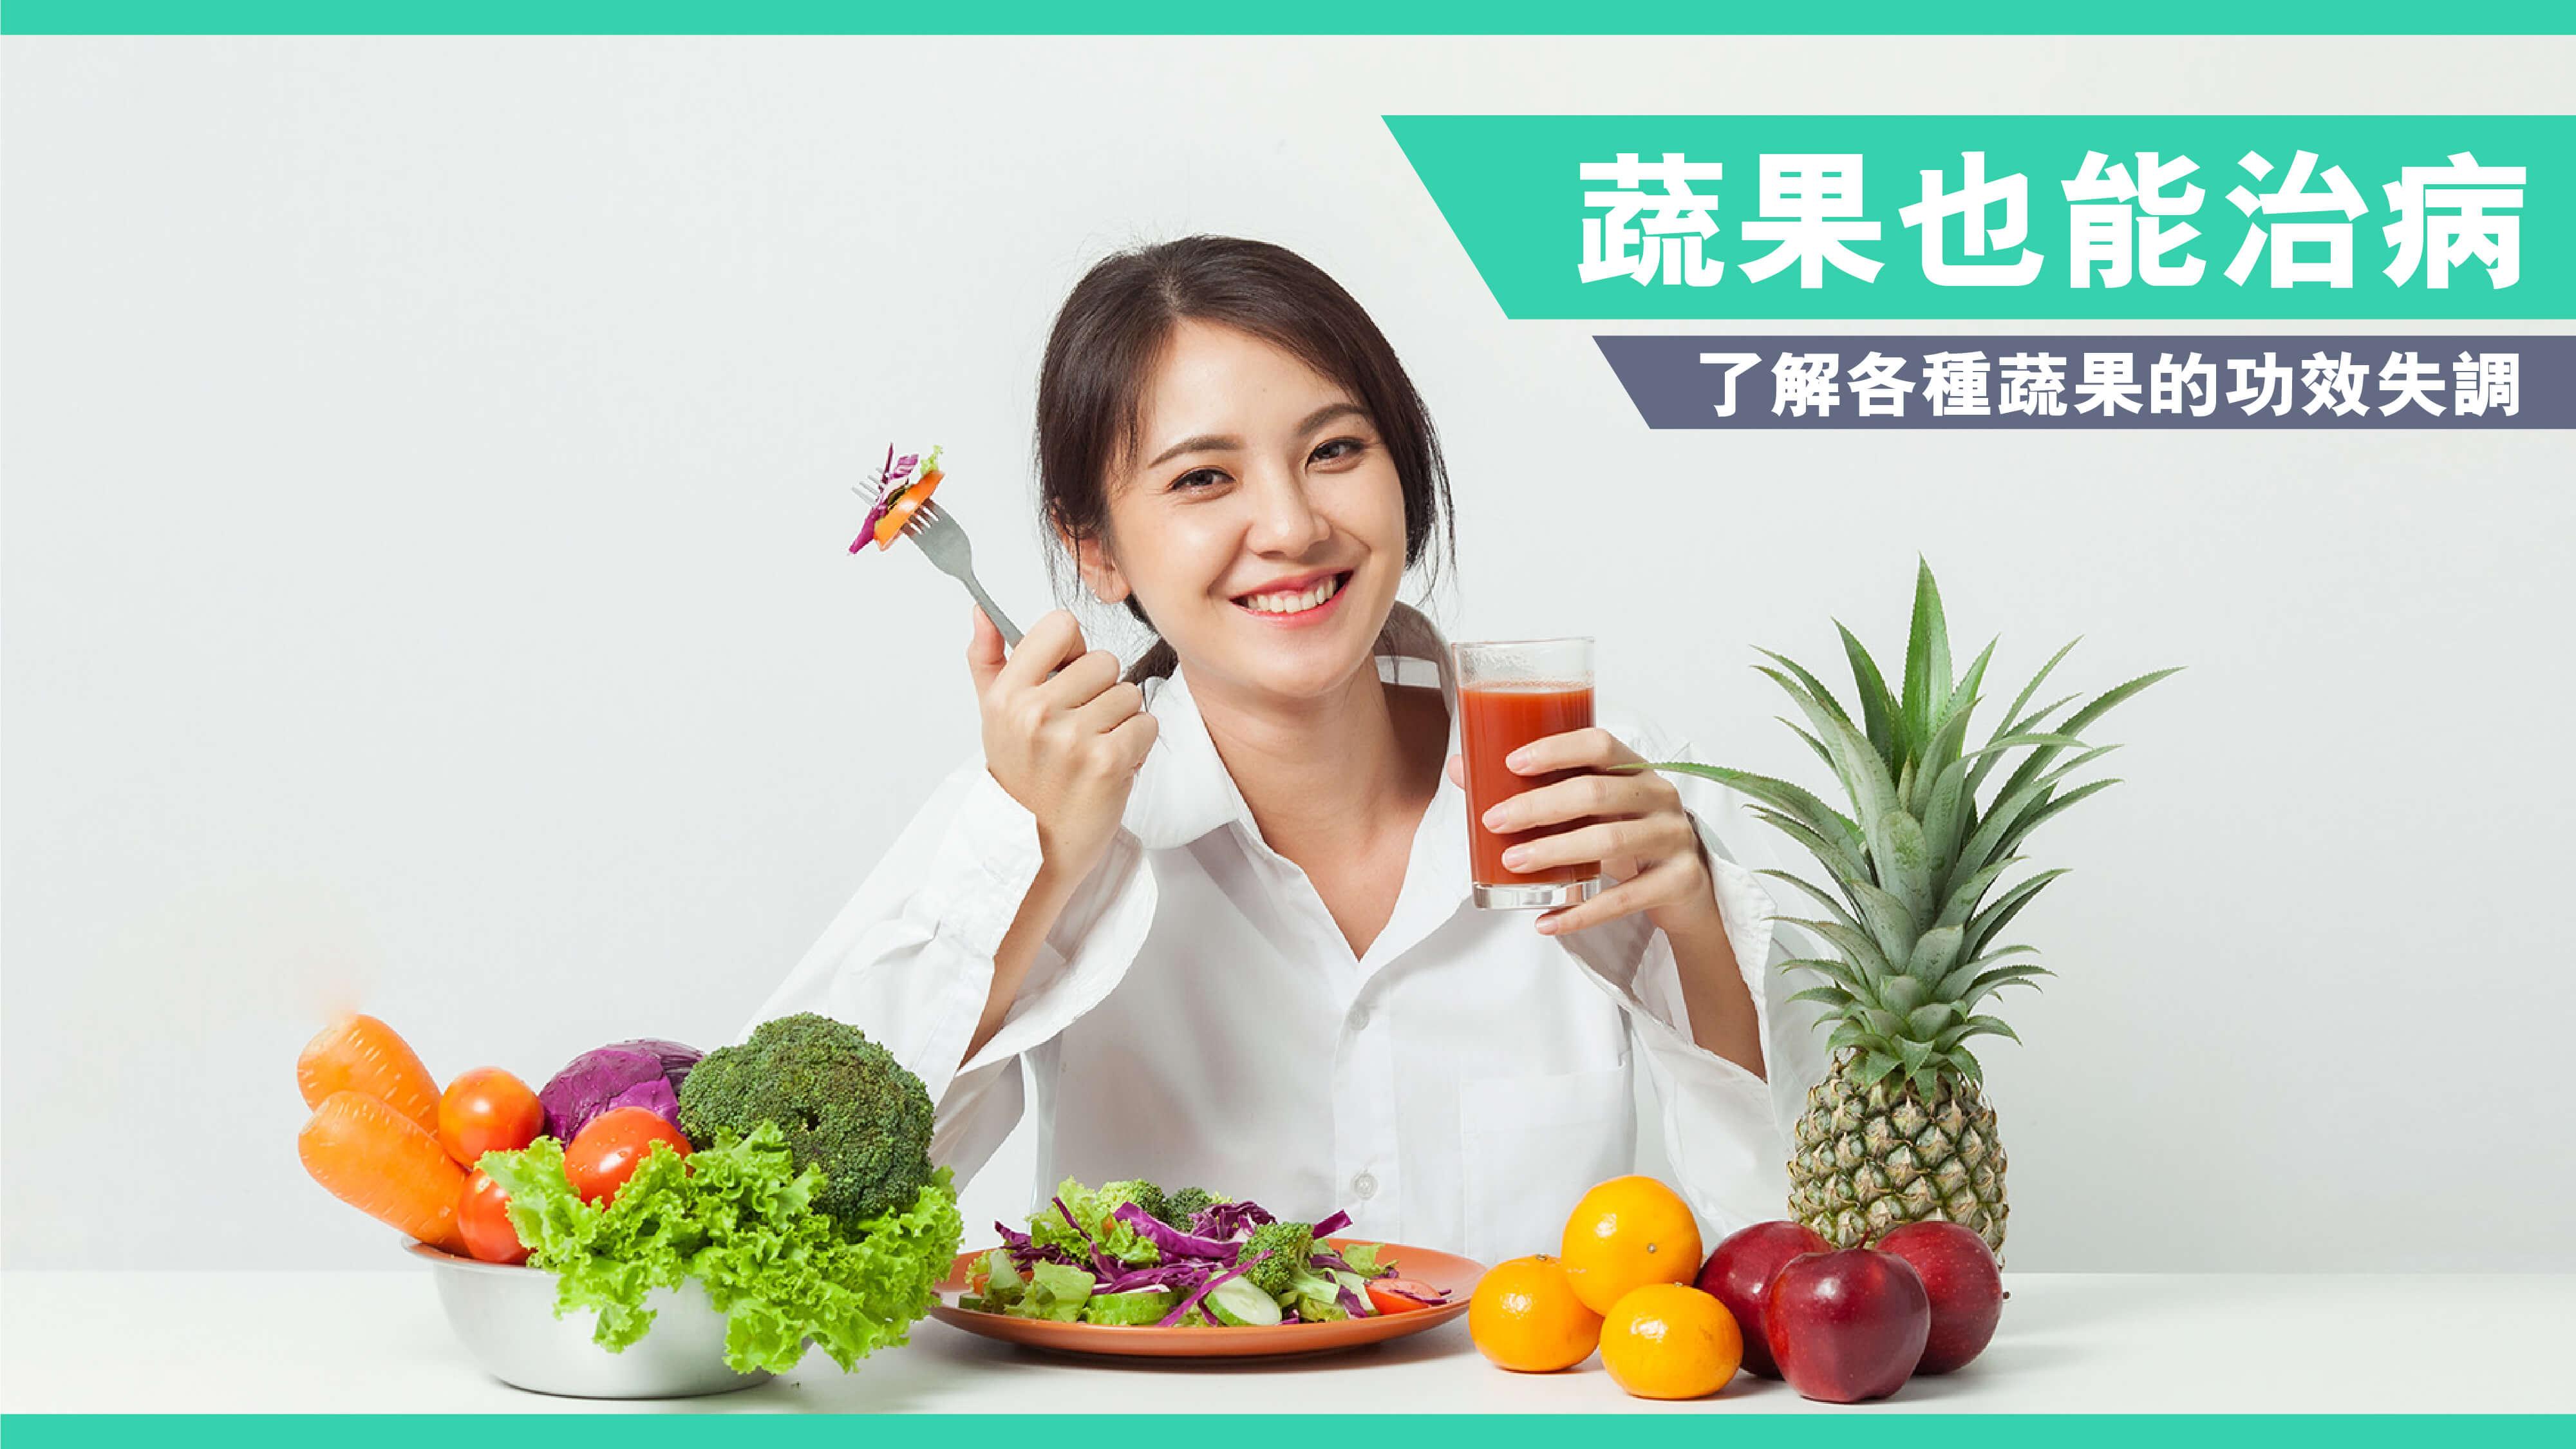 【蔬果也能治病】了解各種蔬果的功效